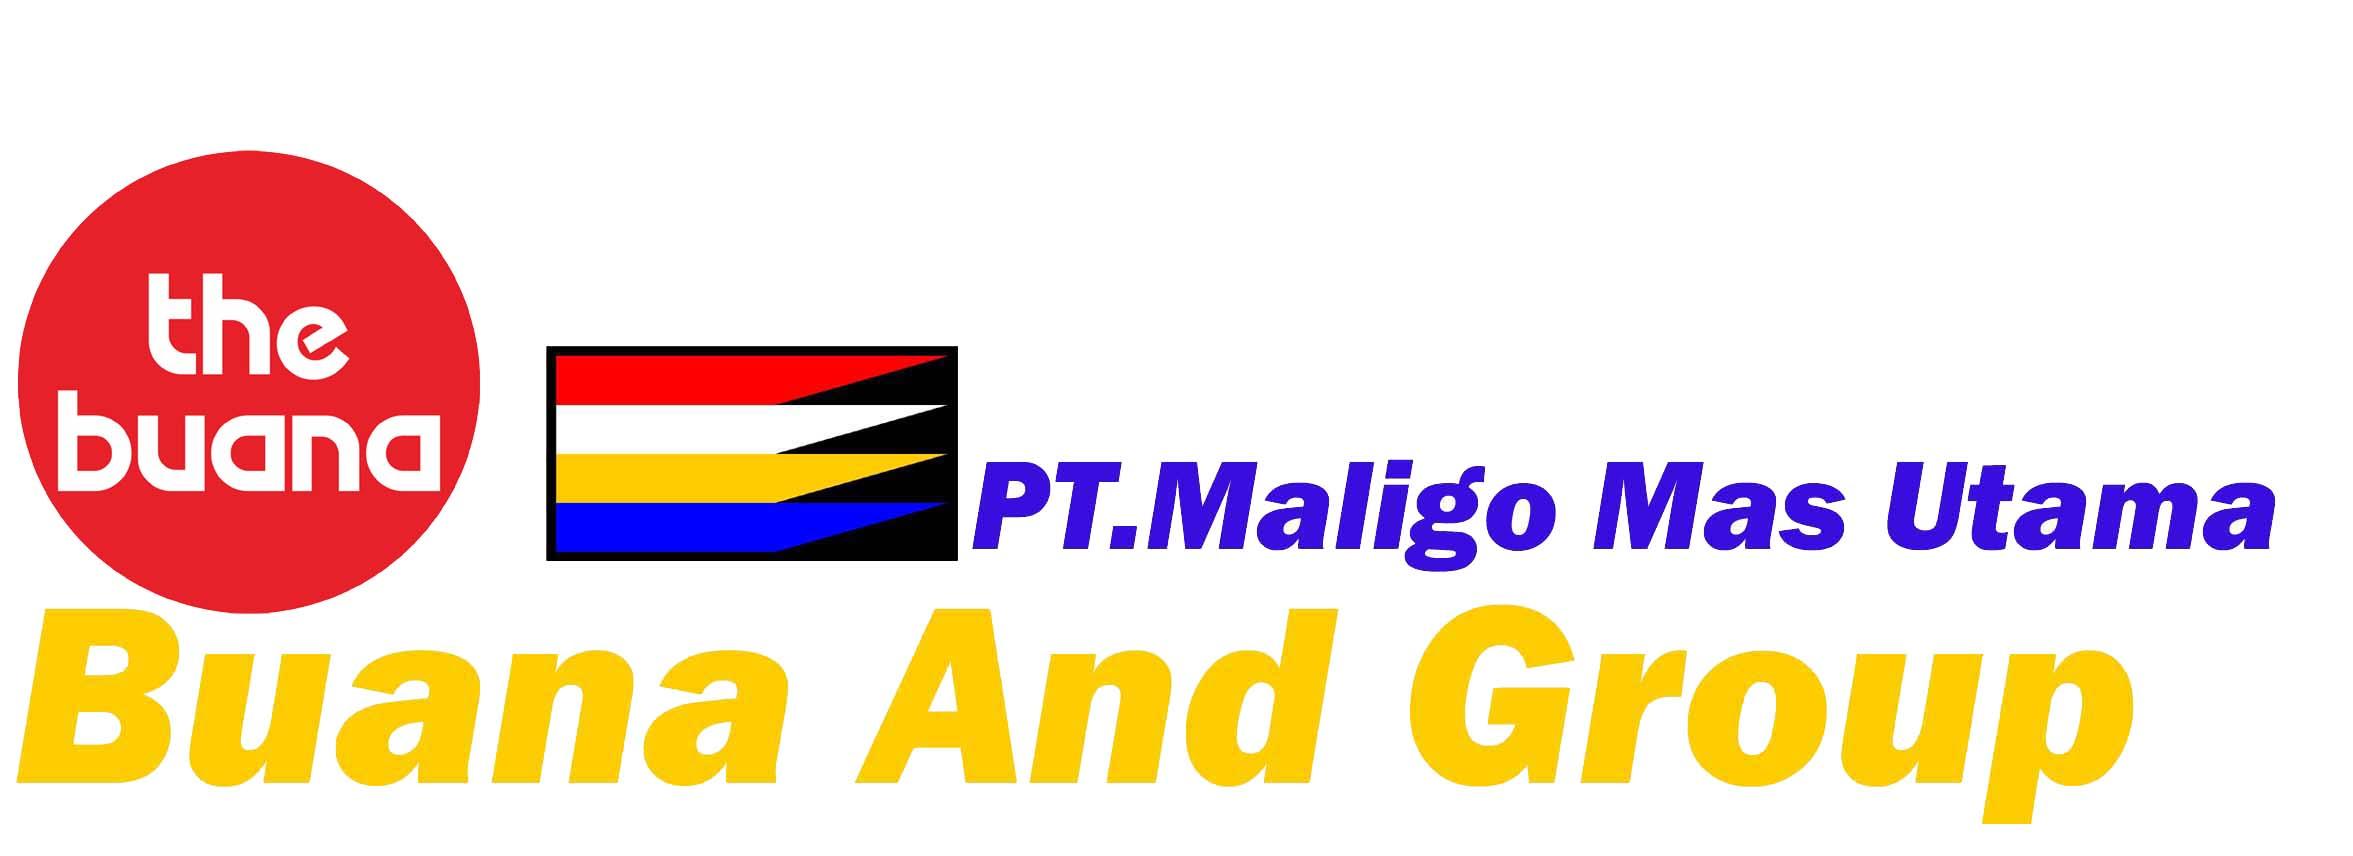 PT.MALIGO MAS UTAMA